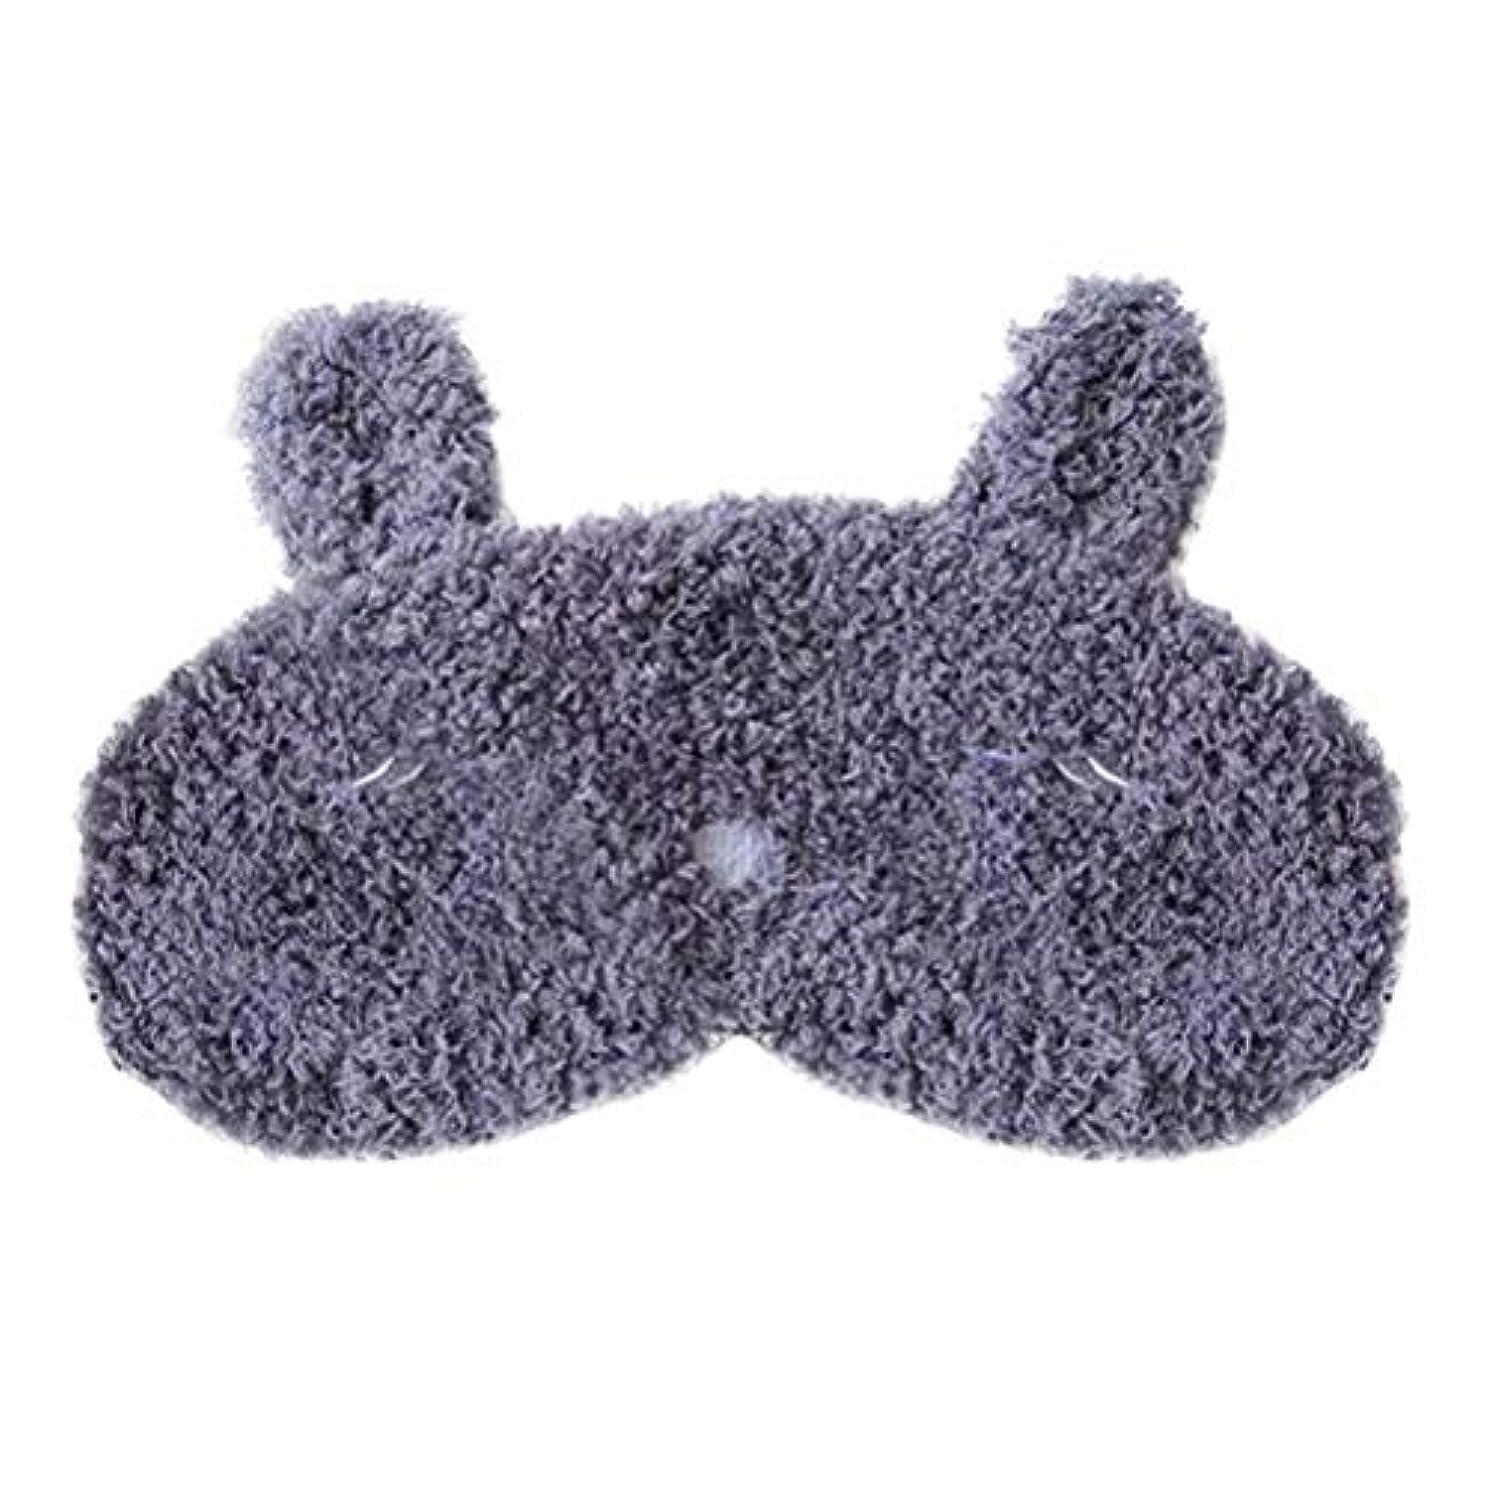 空白アブストラクト鉄道Healifty かわいいアイマスクアイシェッドカーネーションアイマスクウサギのキャットアイパッチ(睡眠ニップ(ネイビー)